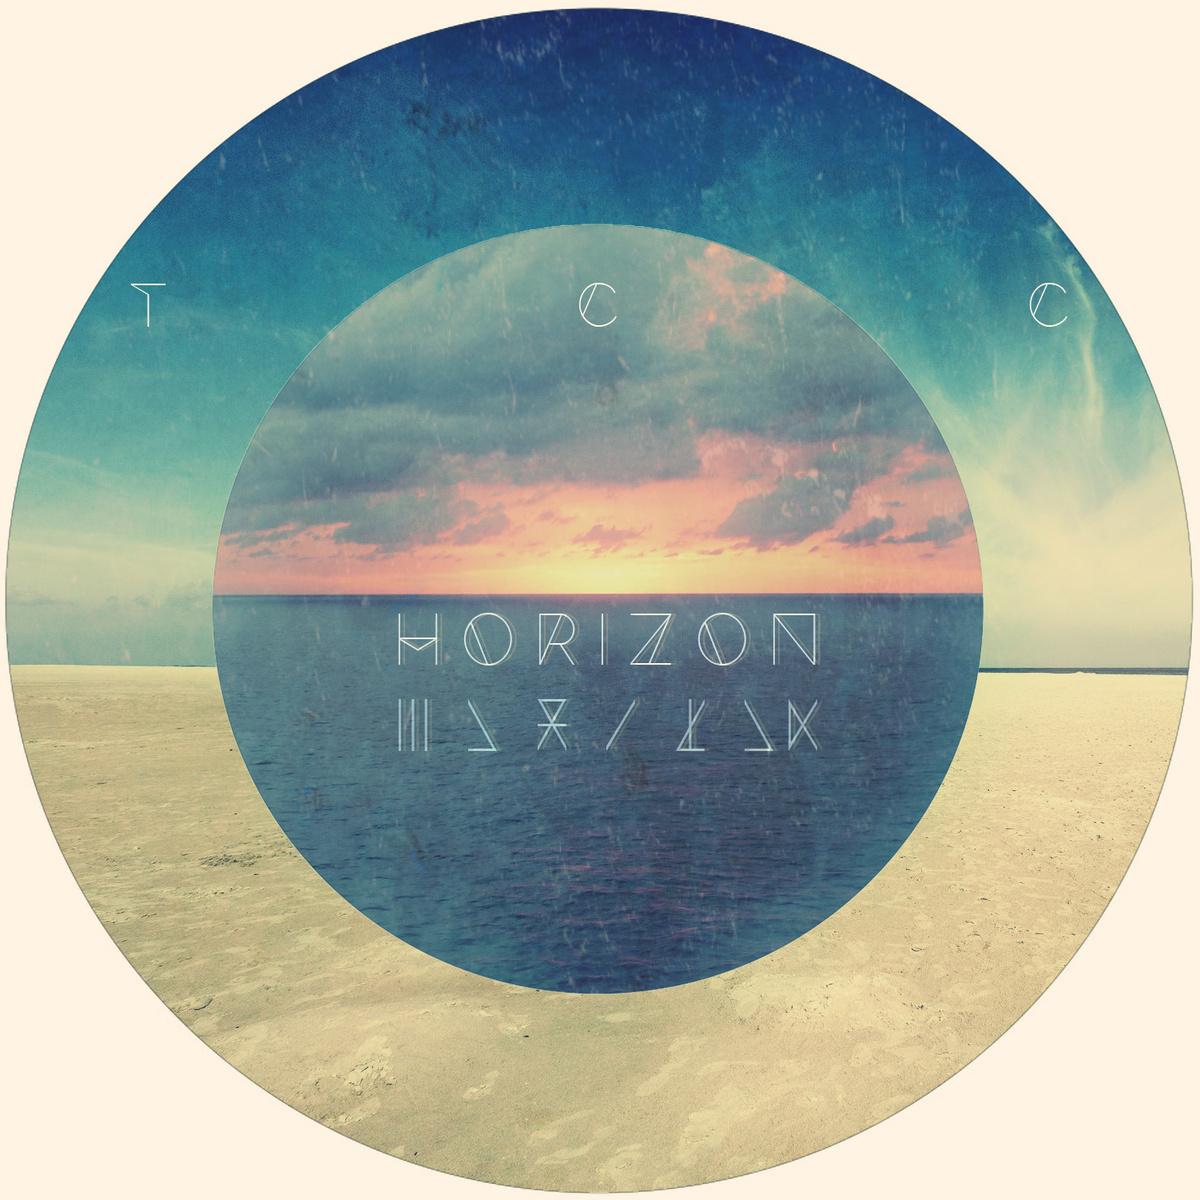 冒险岛2horizon曲谱